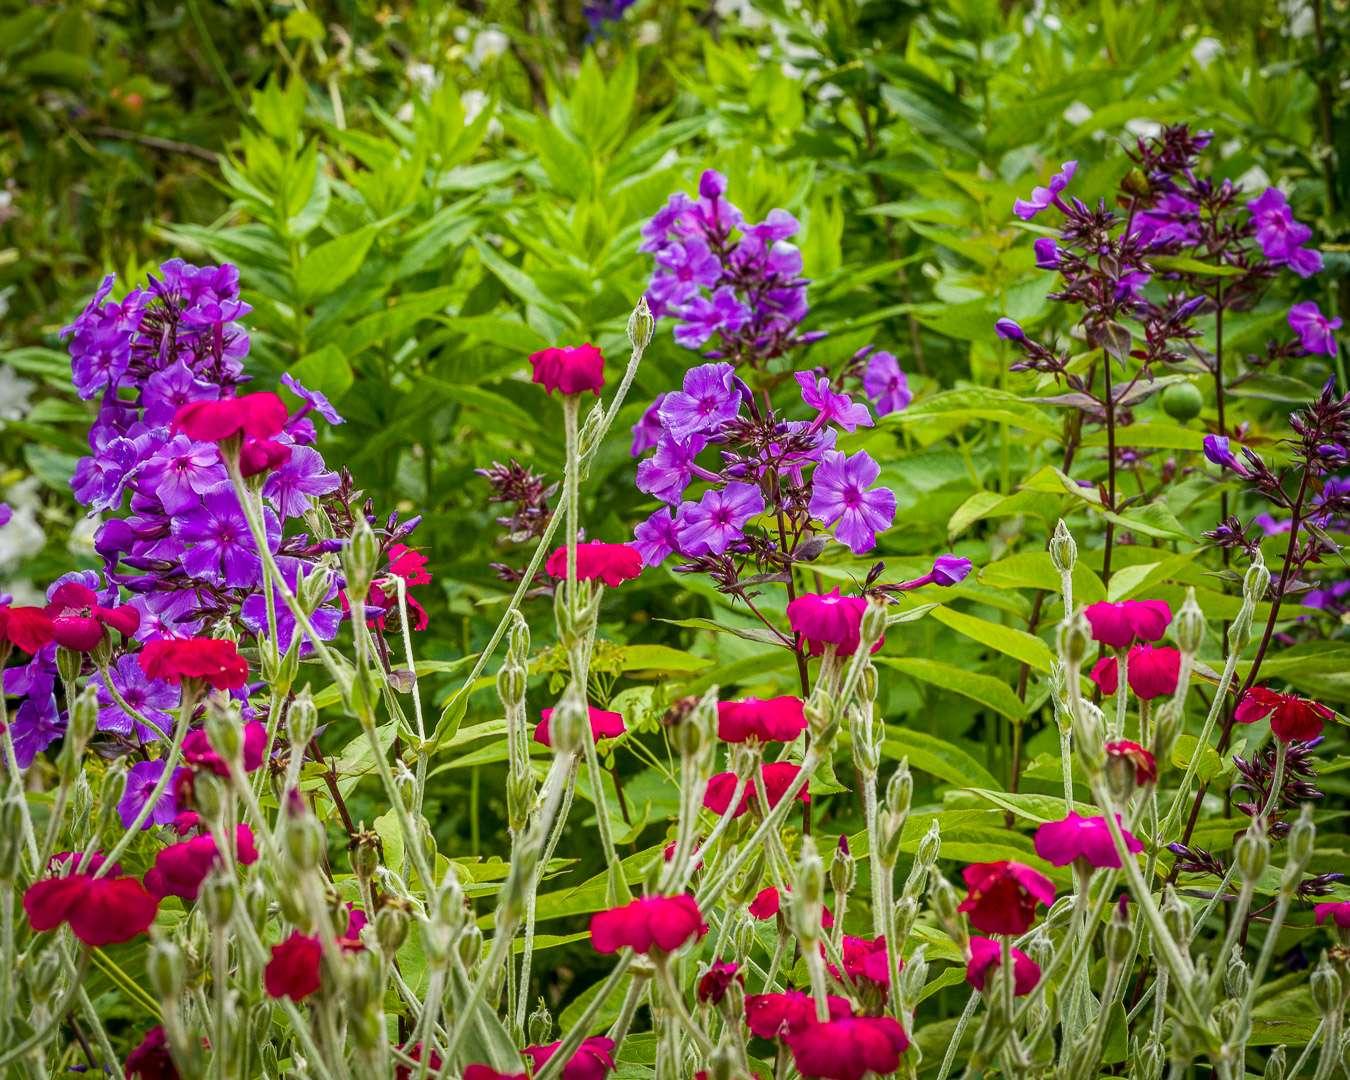 Dristige farver giver kulør og humør til haven